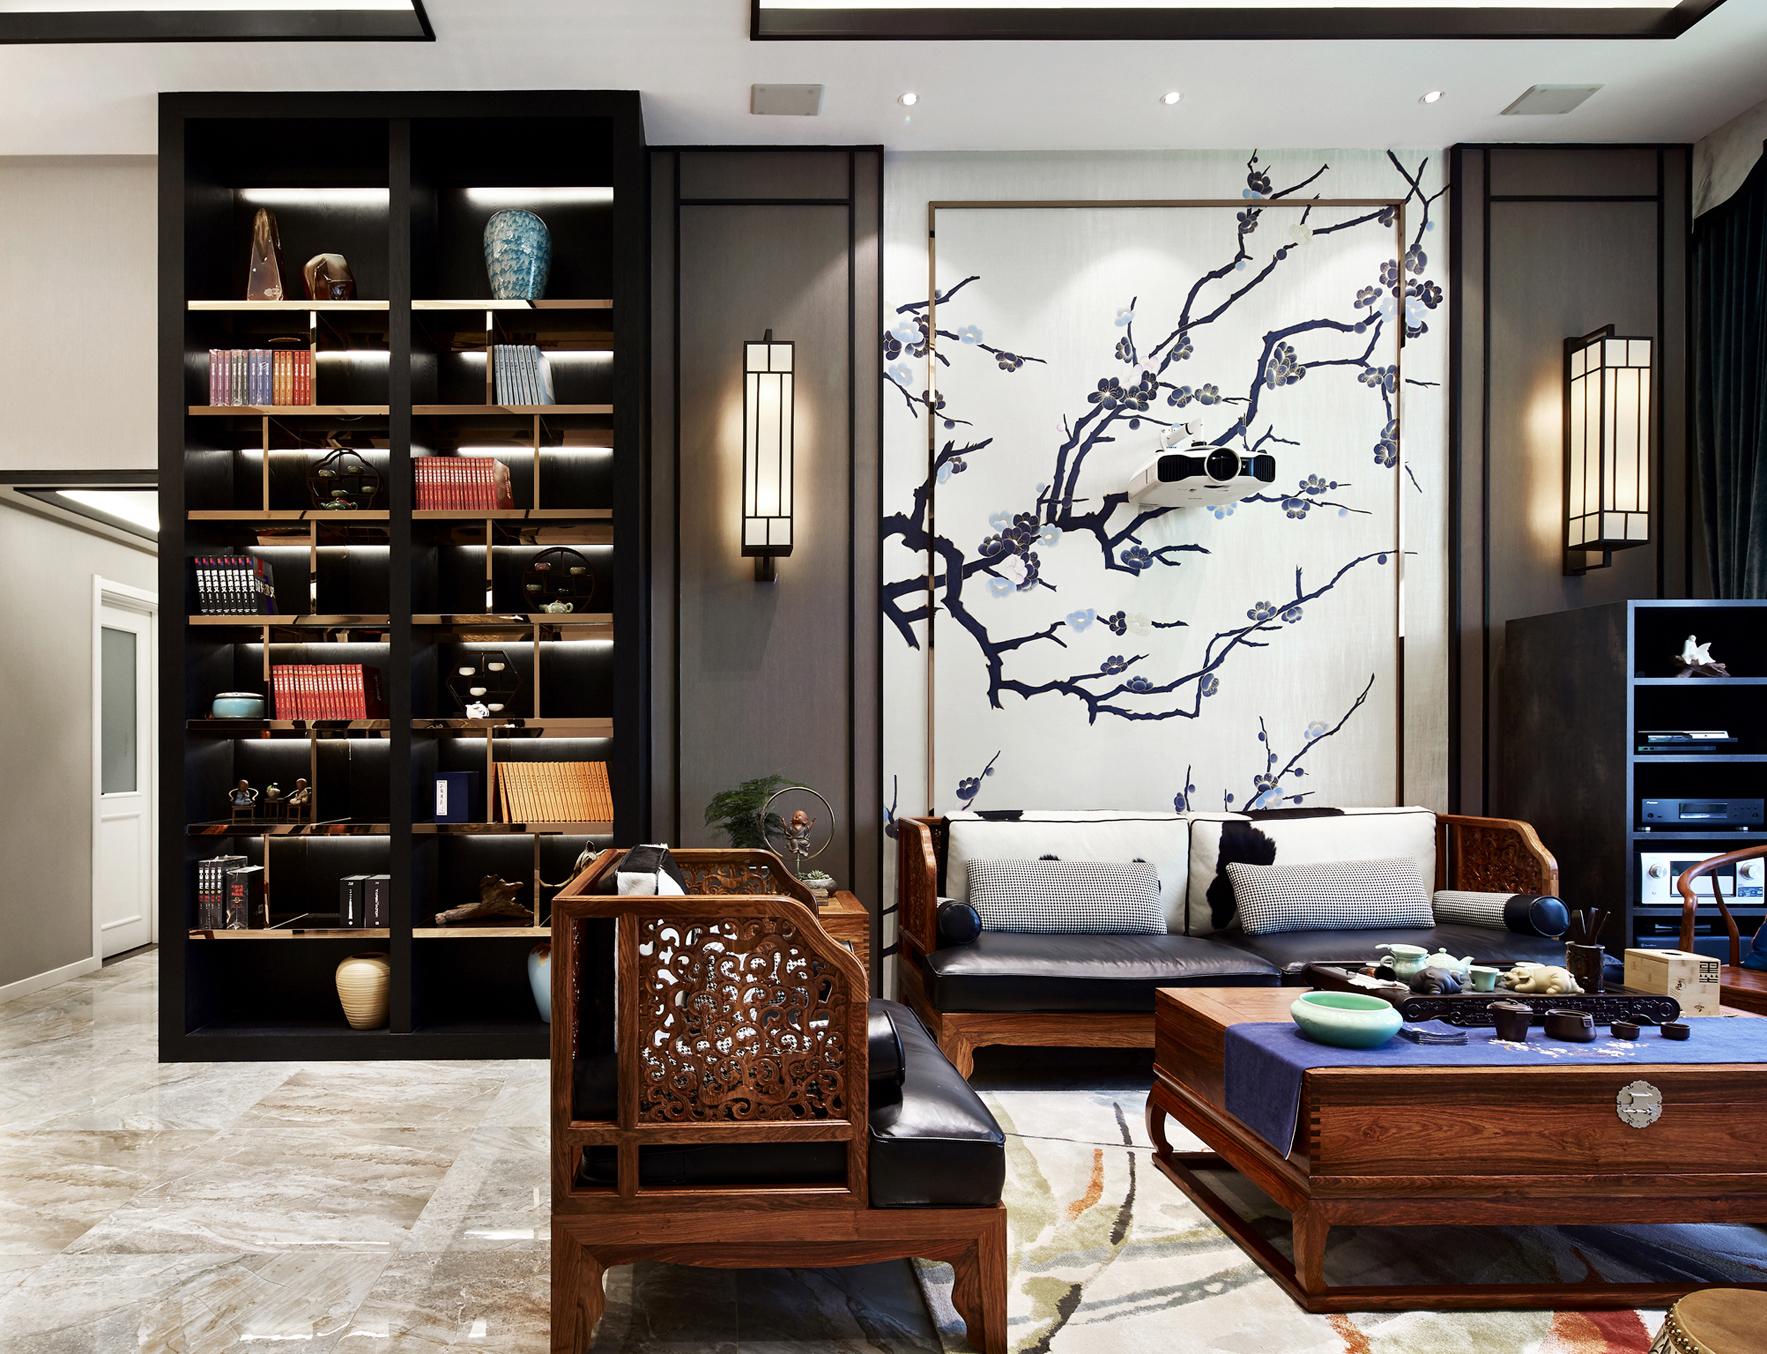 200㎡现代中式沙发背景墙装修效果图